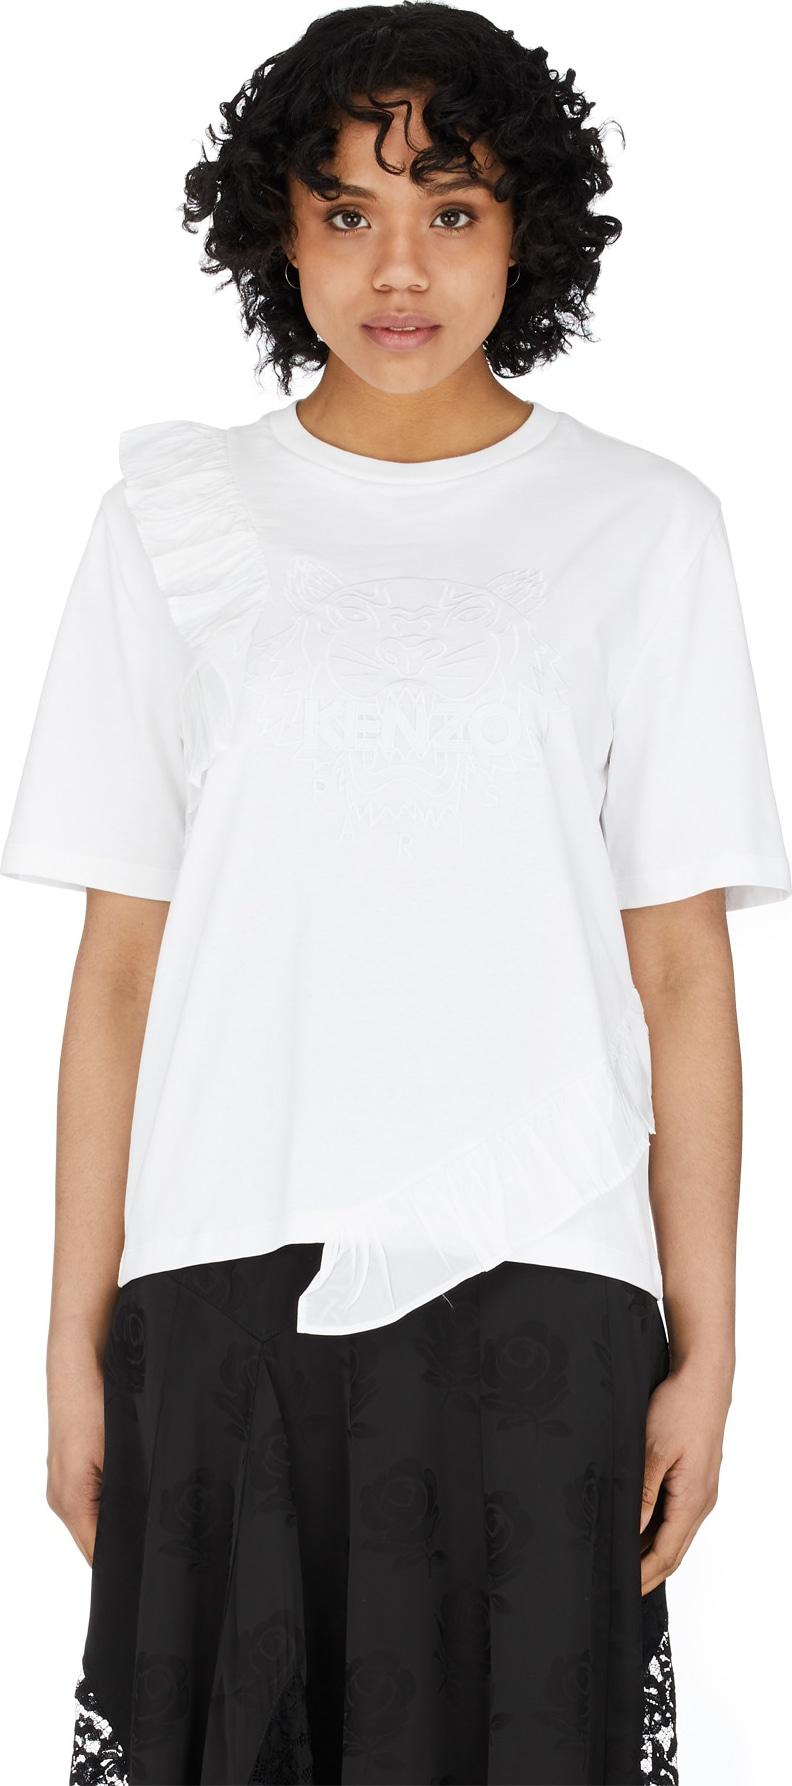 3ce7045073 Kenzo - Tiger Ruffle T-Shirt - White